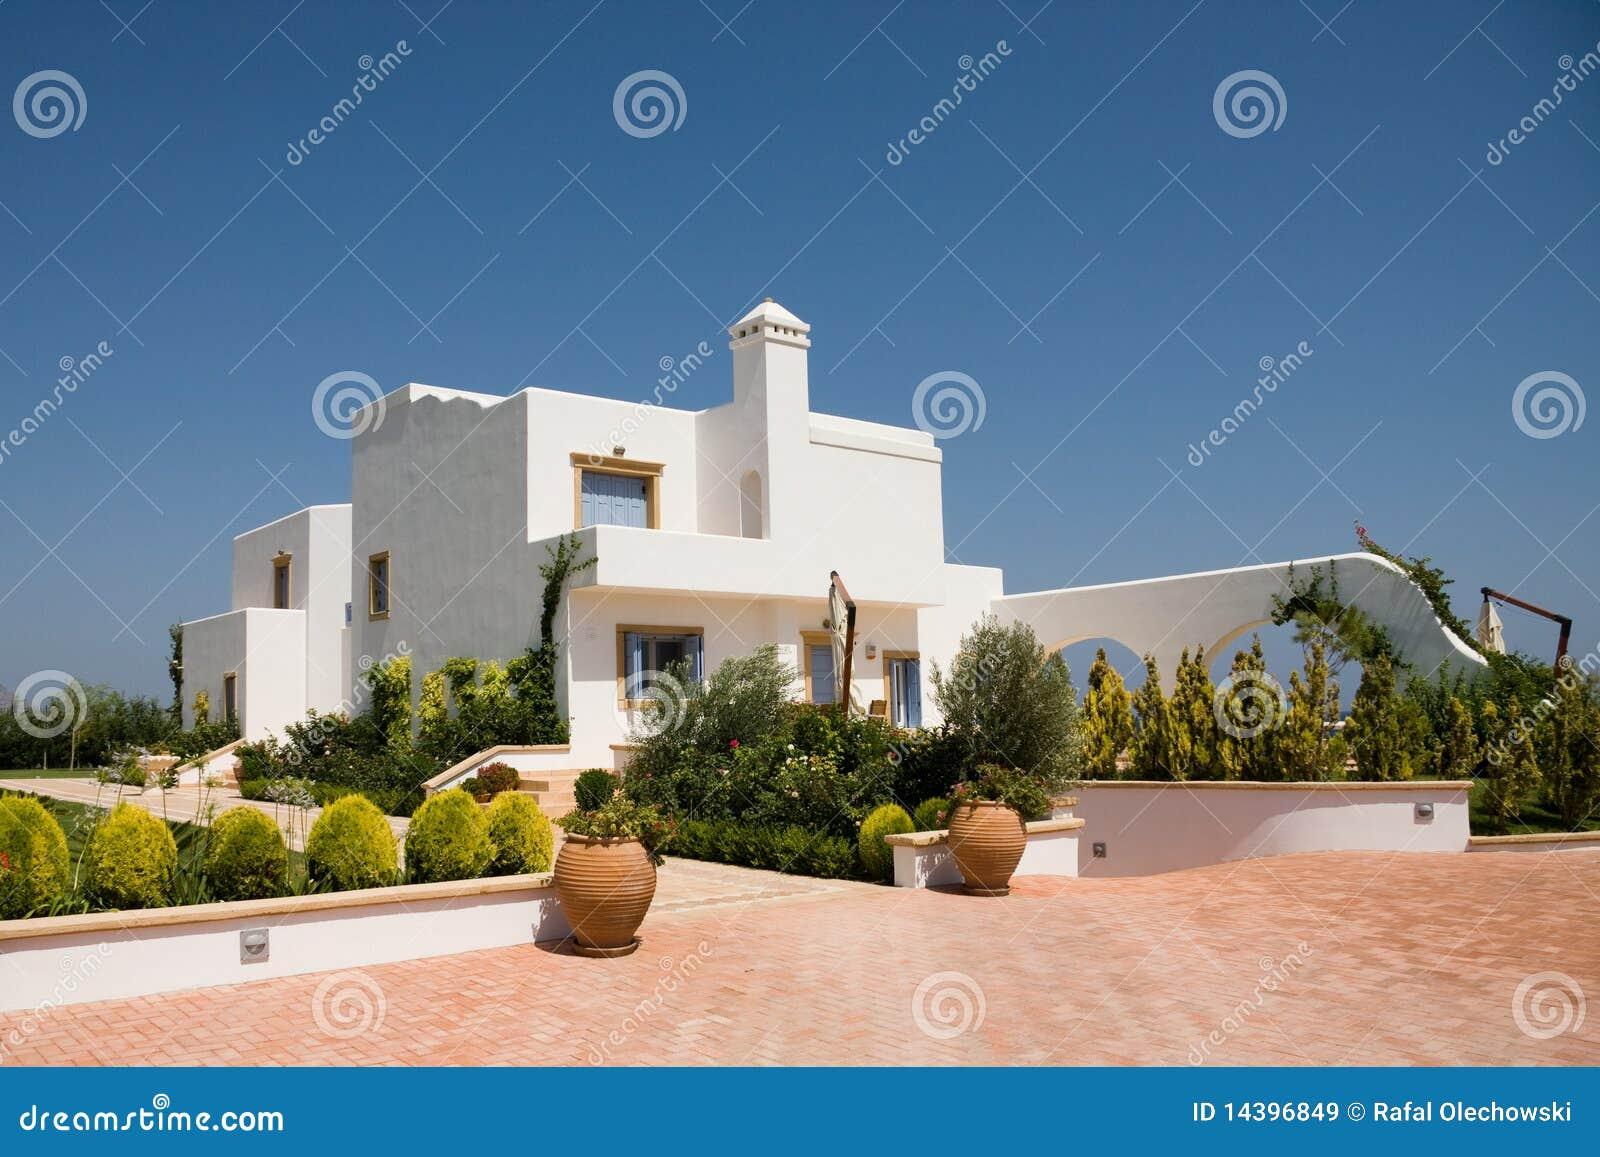 Het moderne huis van de luxe in witte kleur royalty vrije stock afbeeldingen afbeelding 14396849 - Moderne kleur huis ...